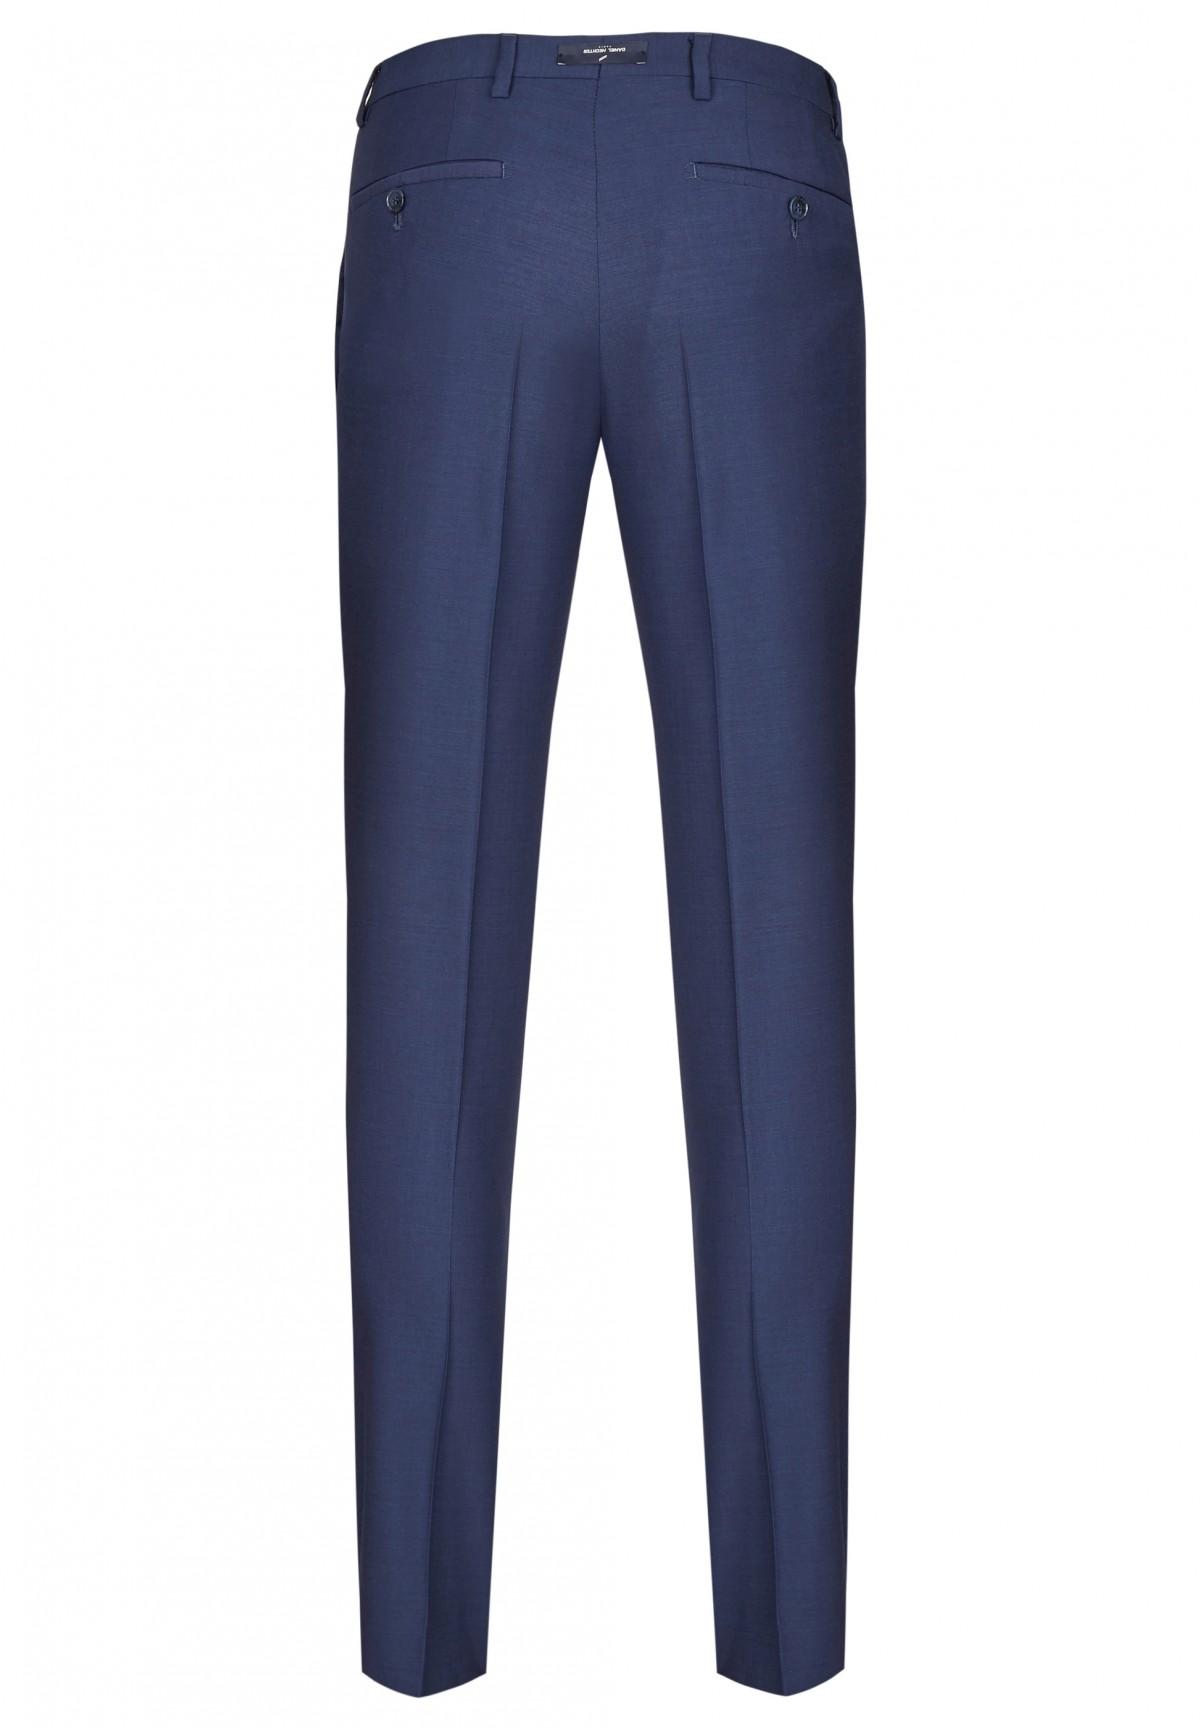 Mix & Match Pantalon, 40150-100102, Shape-fit /